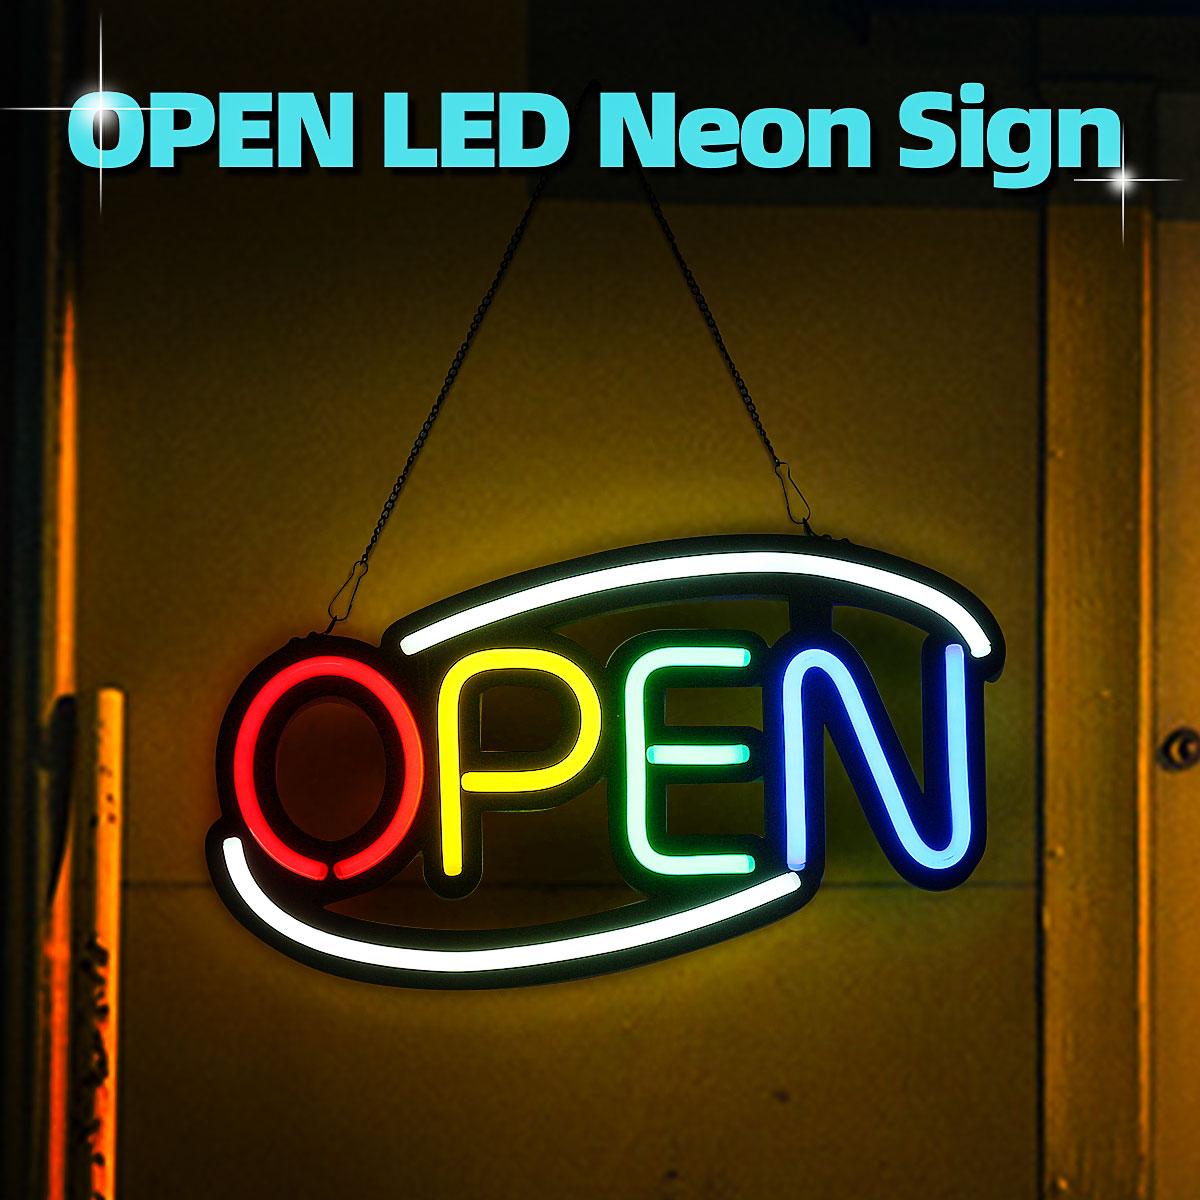 ÖFFNEN Neon Zeichen LED Licht Rohr Handgemachte Visuelle Kunstwerk Cafe Bar Club KTV Wand Dekoration Kommerziellen Beleuchtung Bunte Neon Lampen